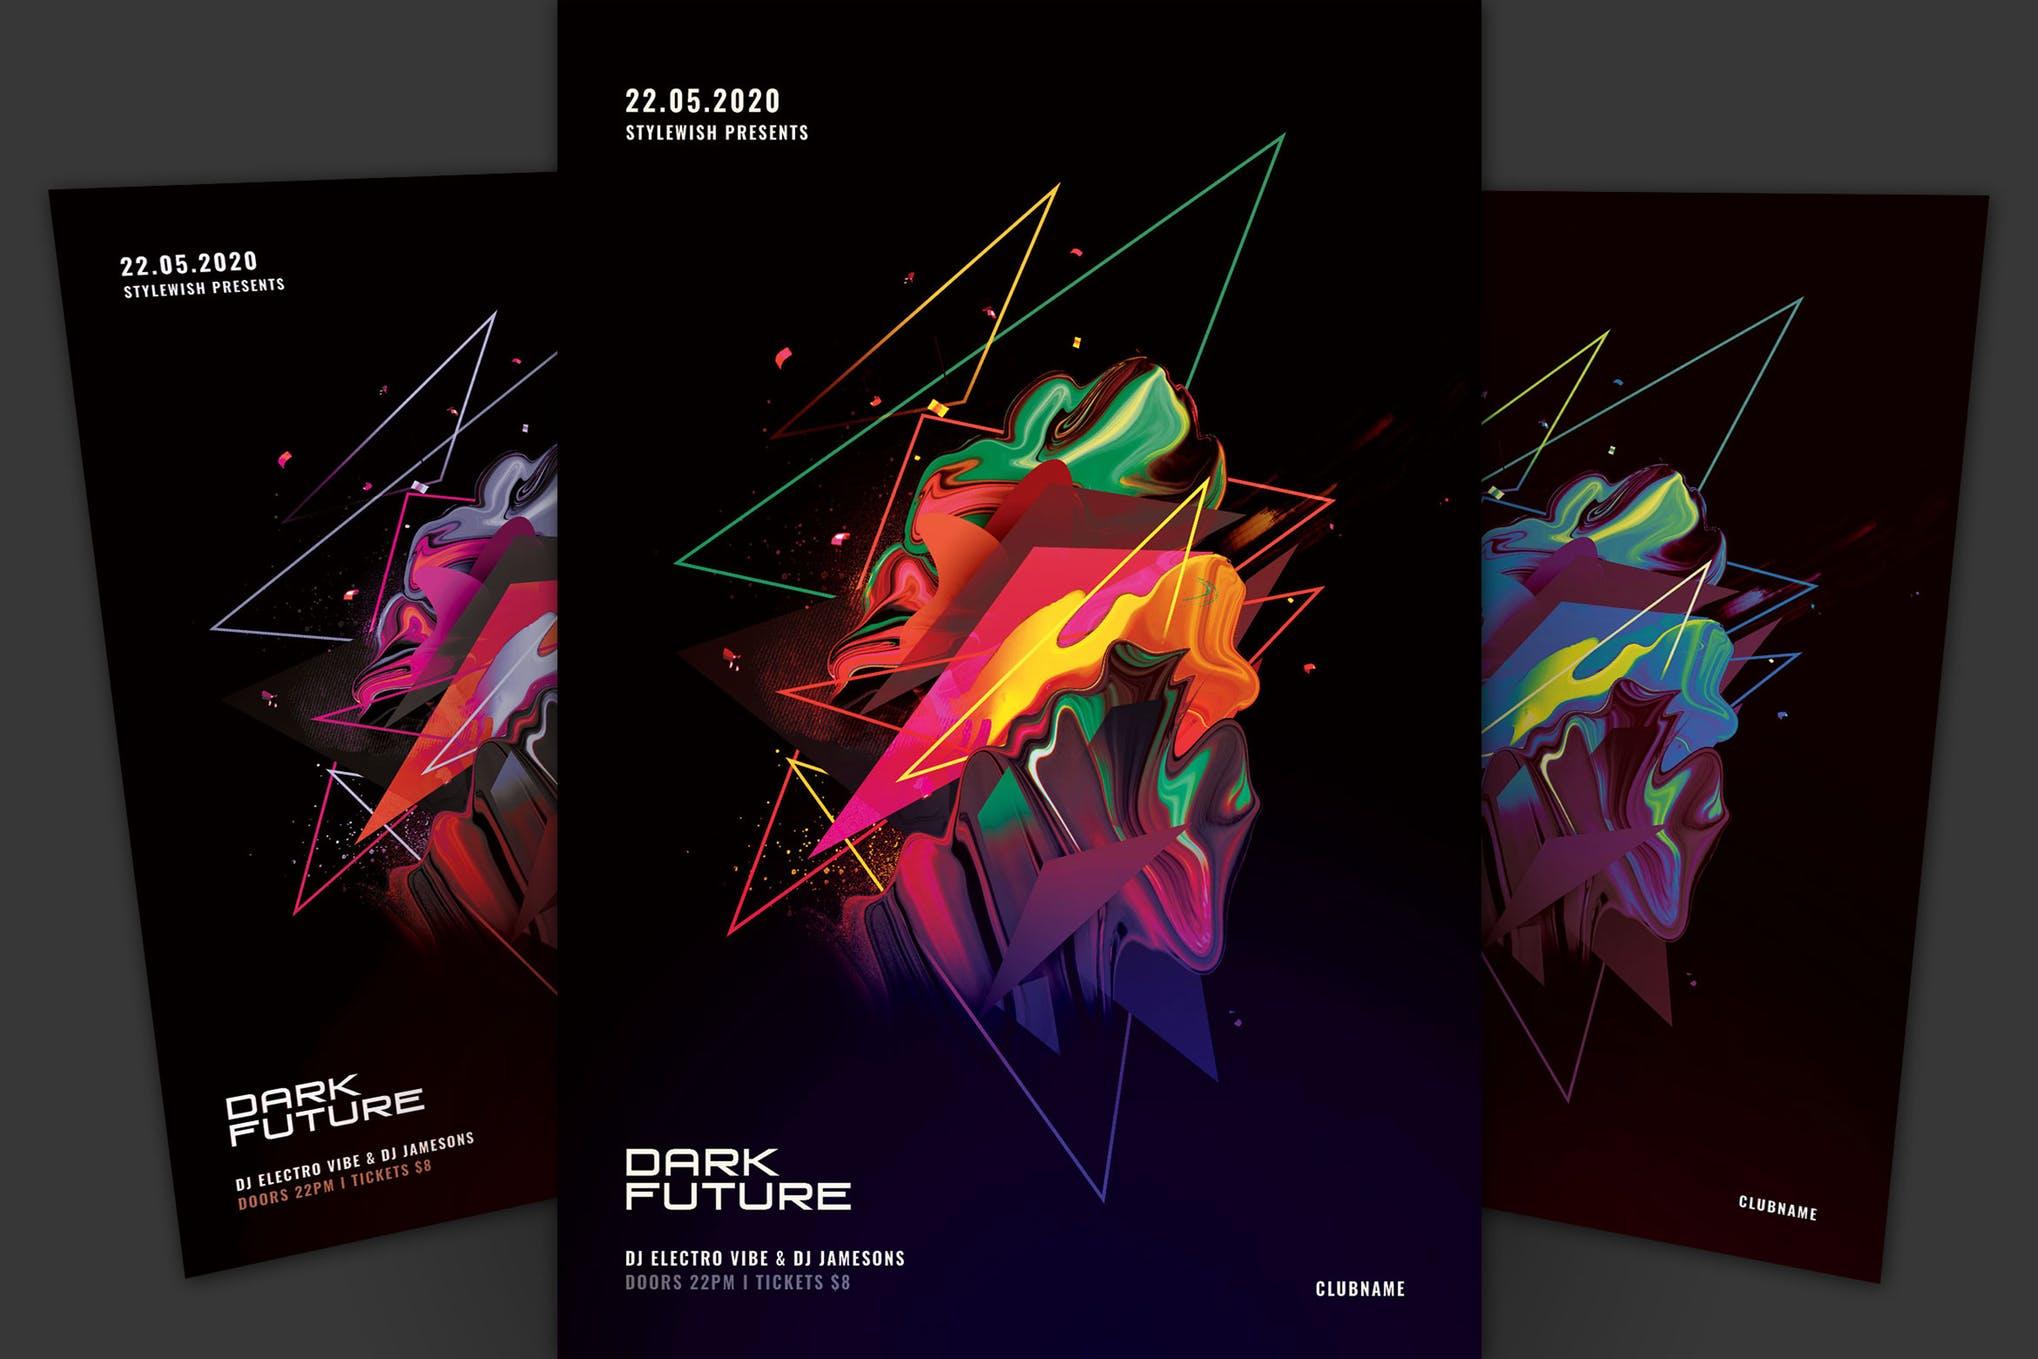 دانلود فلایر لایه باز و جذاب Dark Future Flyer